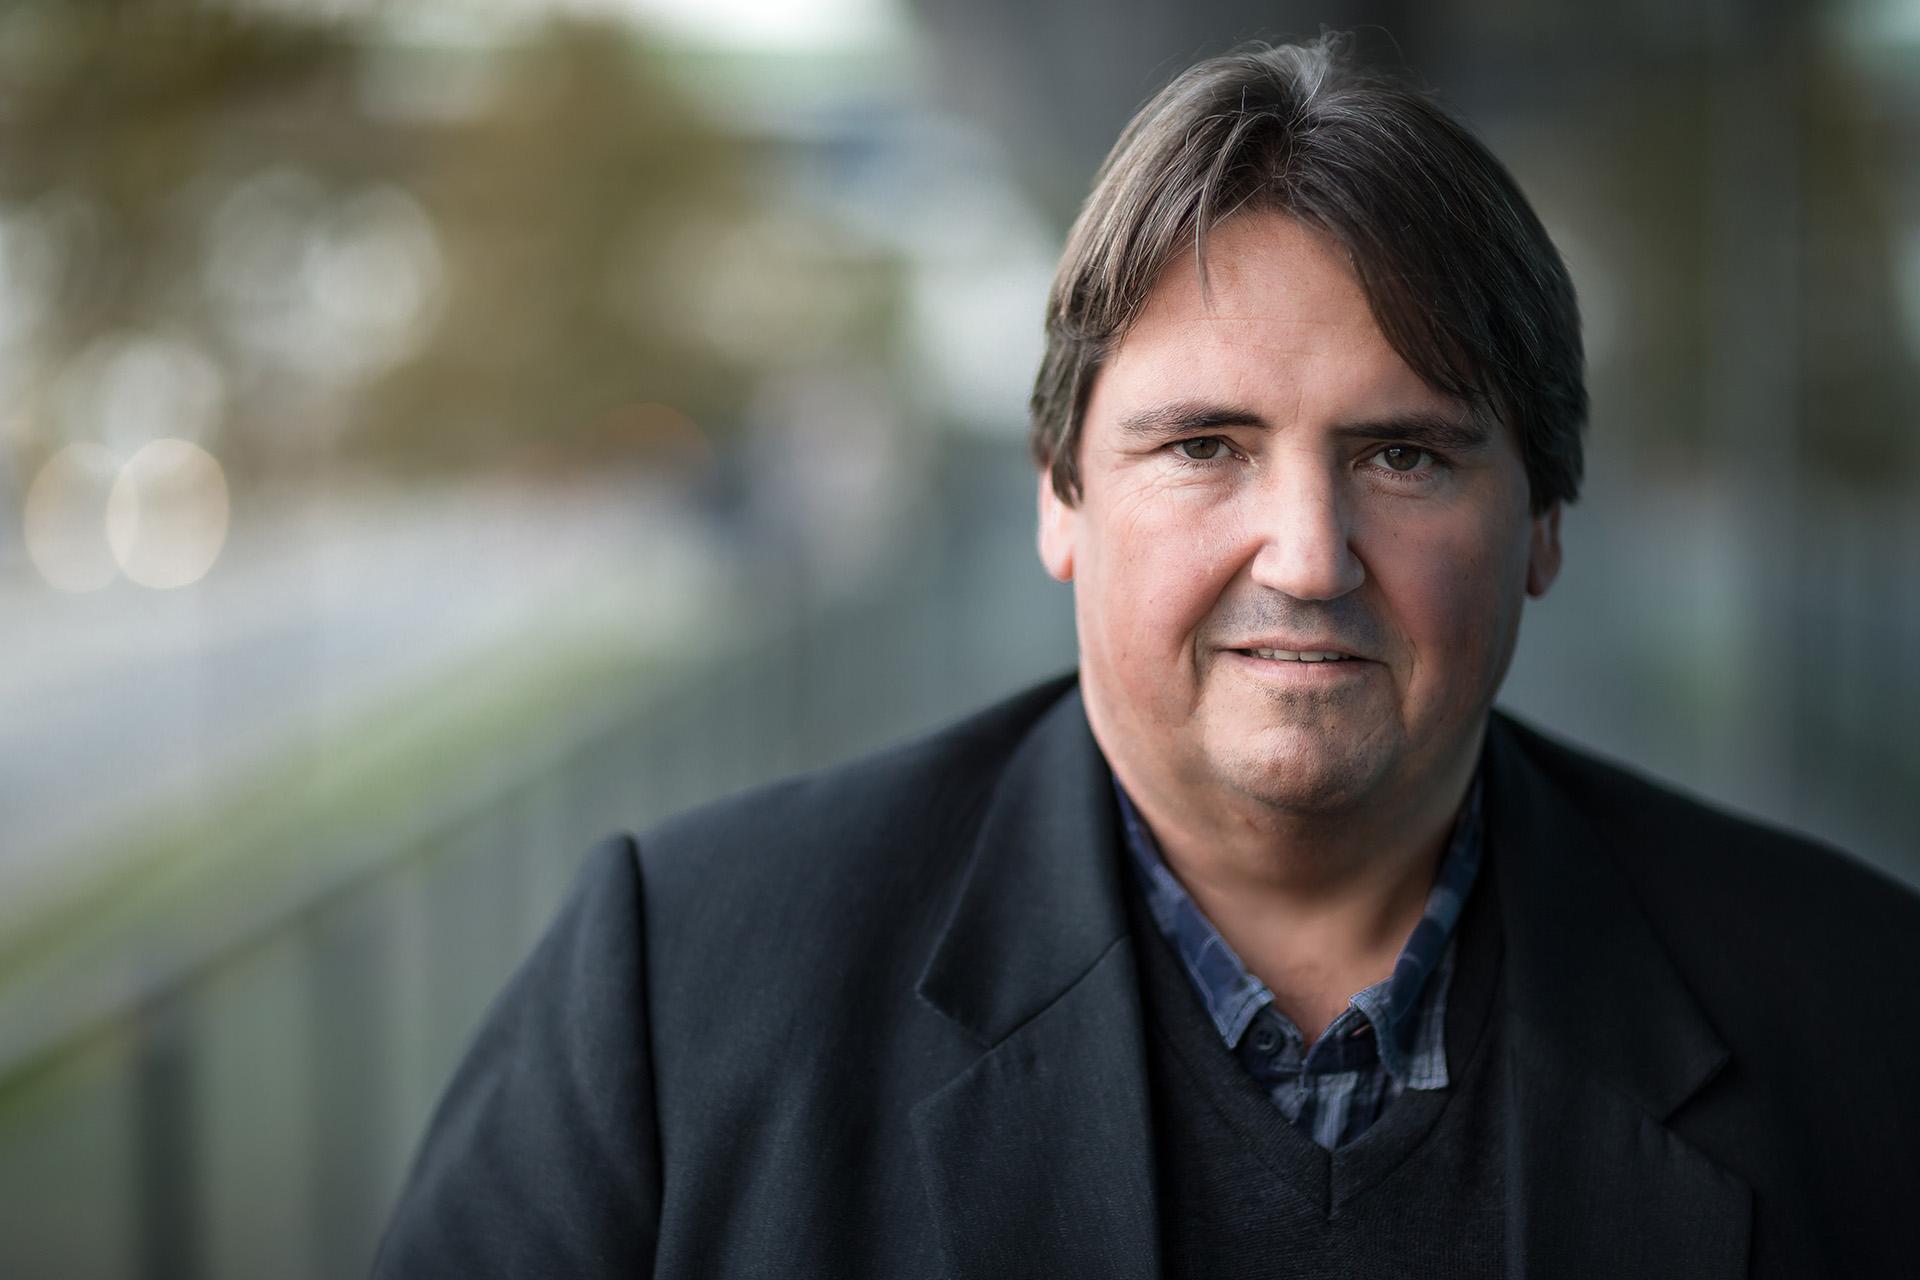 WIEN, ÖSTERREICH - 9. NOVEMBER 2016: Portraits von Josef Muchtisch, Abgeordneter zum Nationalrat und Vorsitzender der Gewerkschaft Bau-Holz.